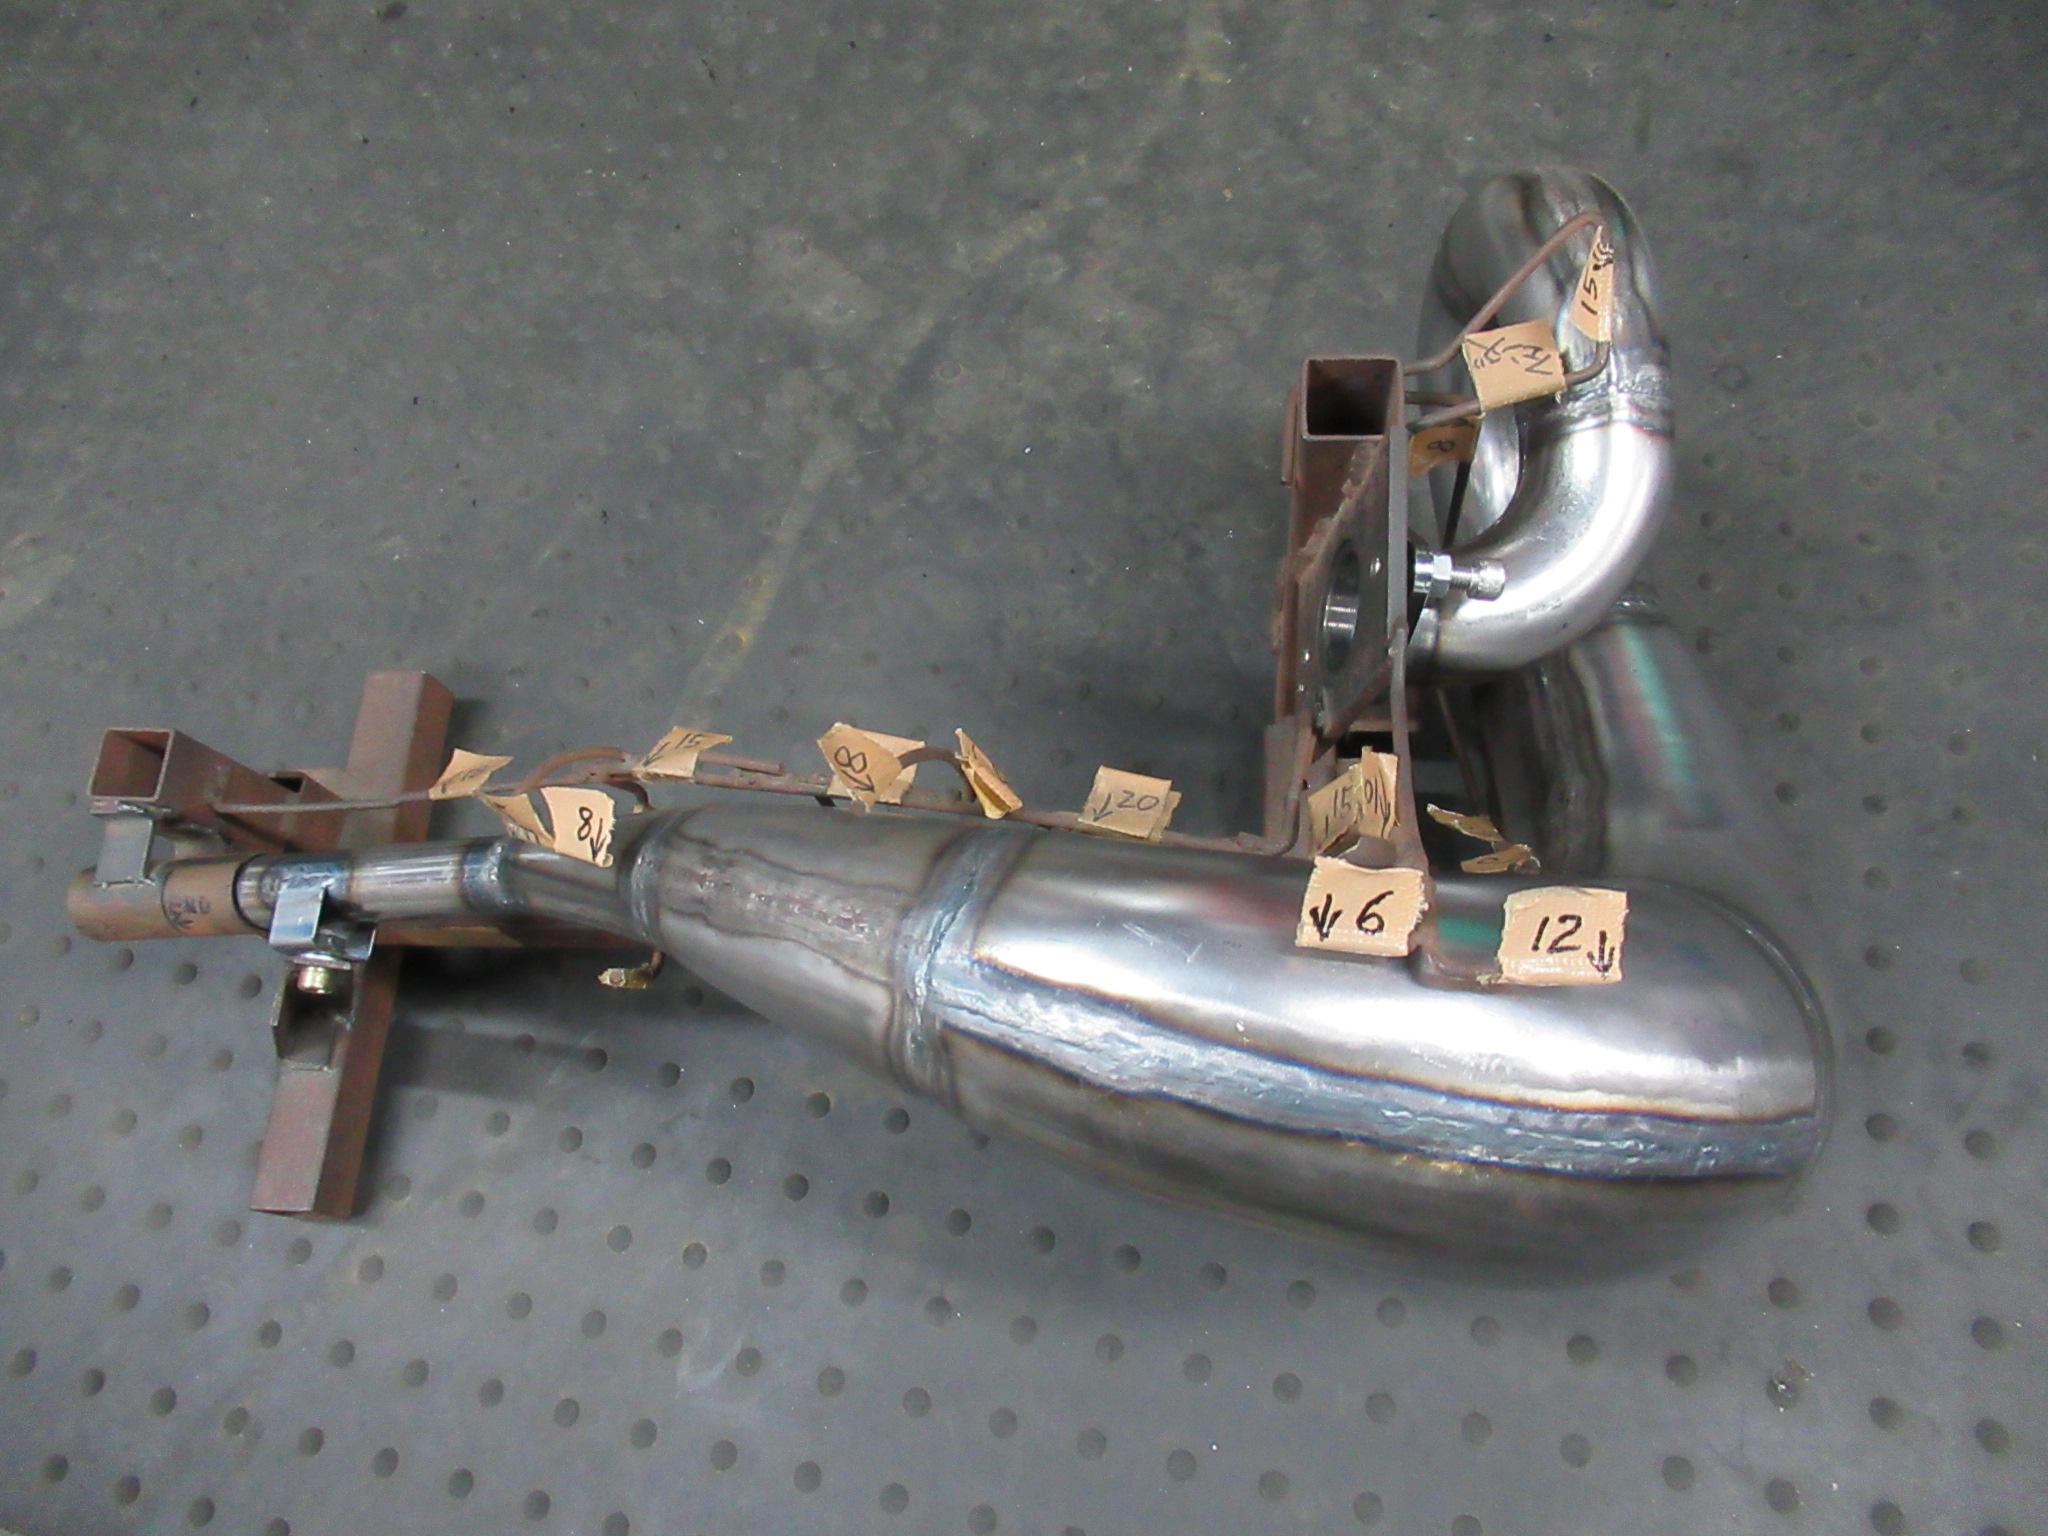 http://www.precious-factory.com/preciousfactory2010/IMG_1291.JPG